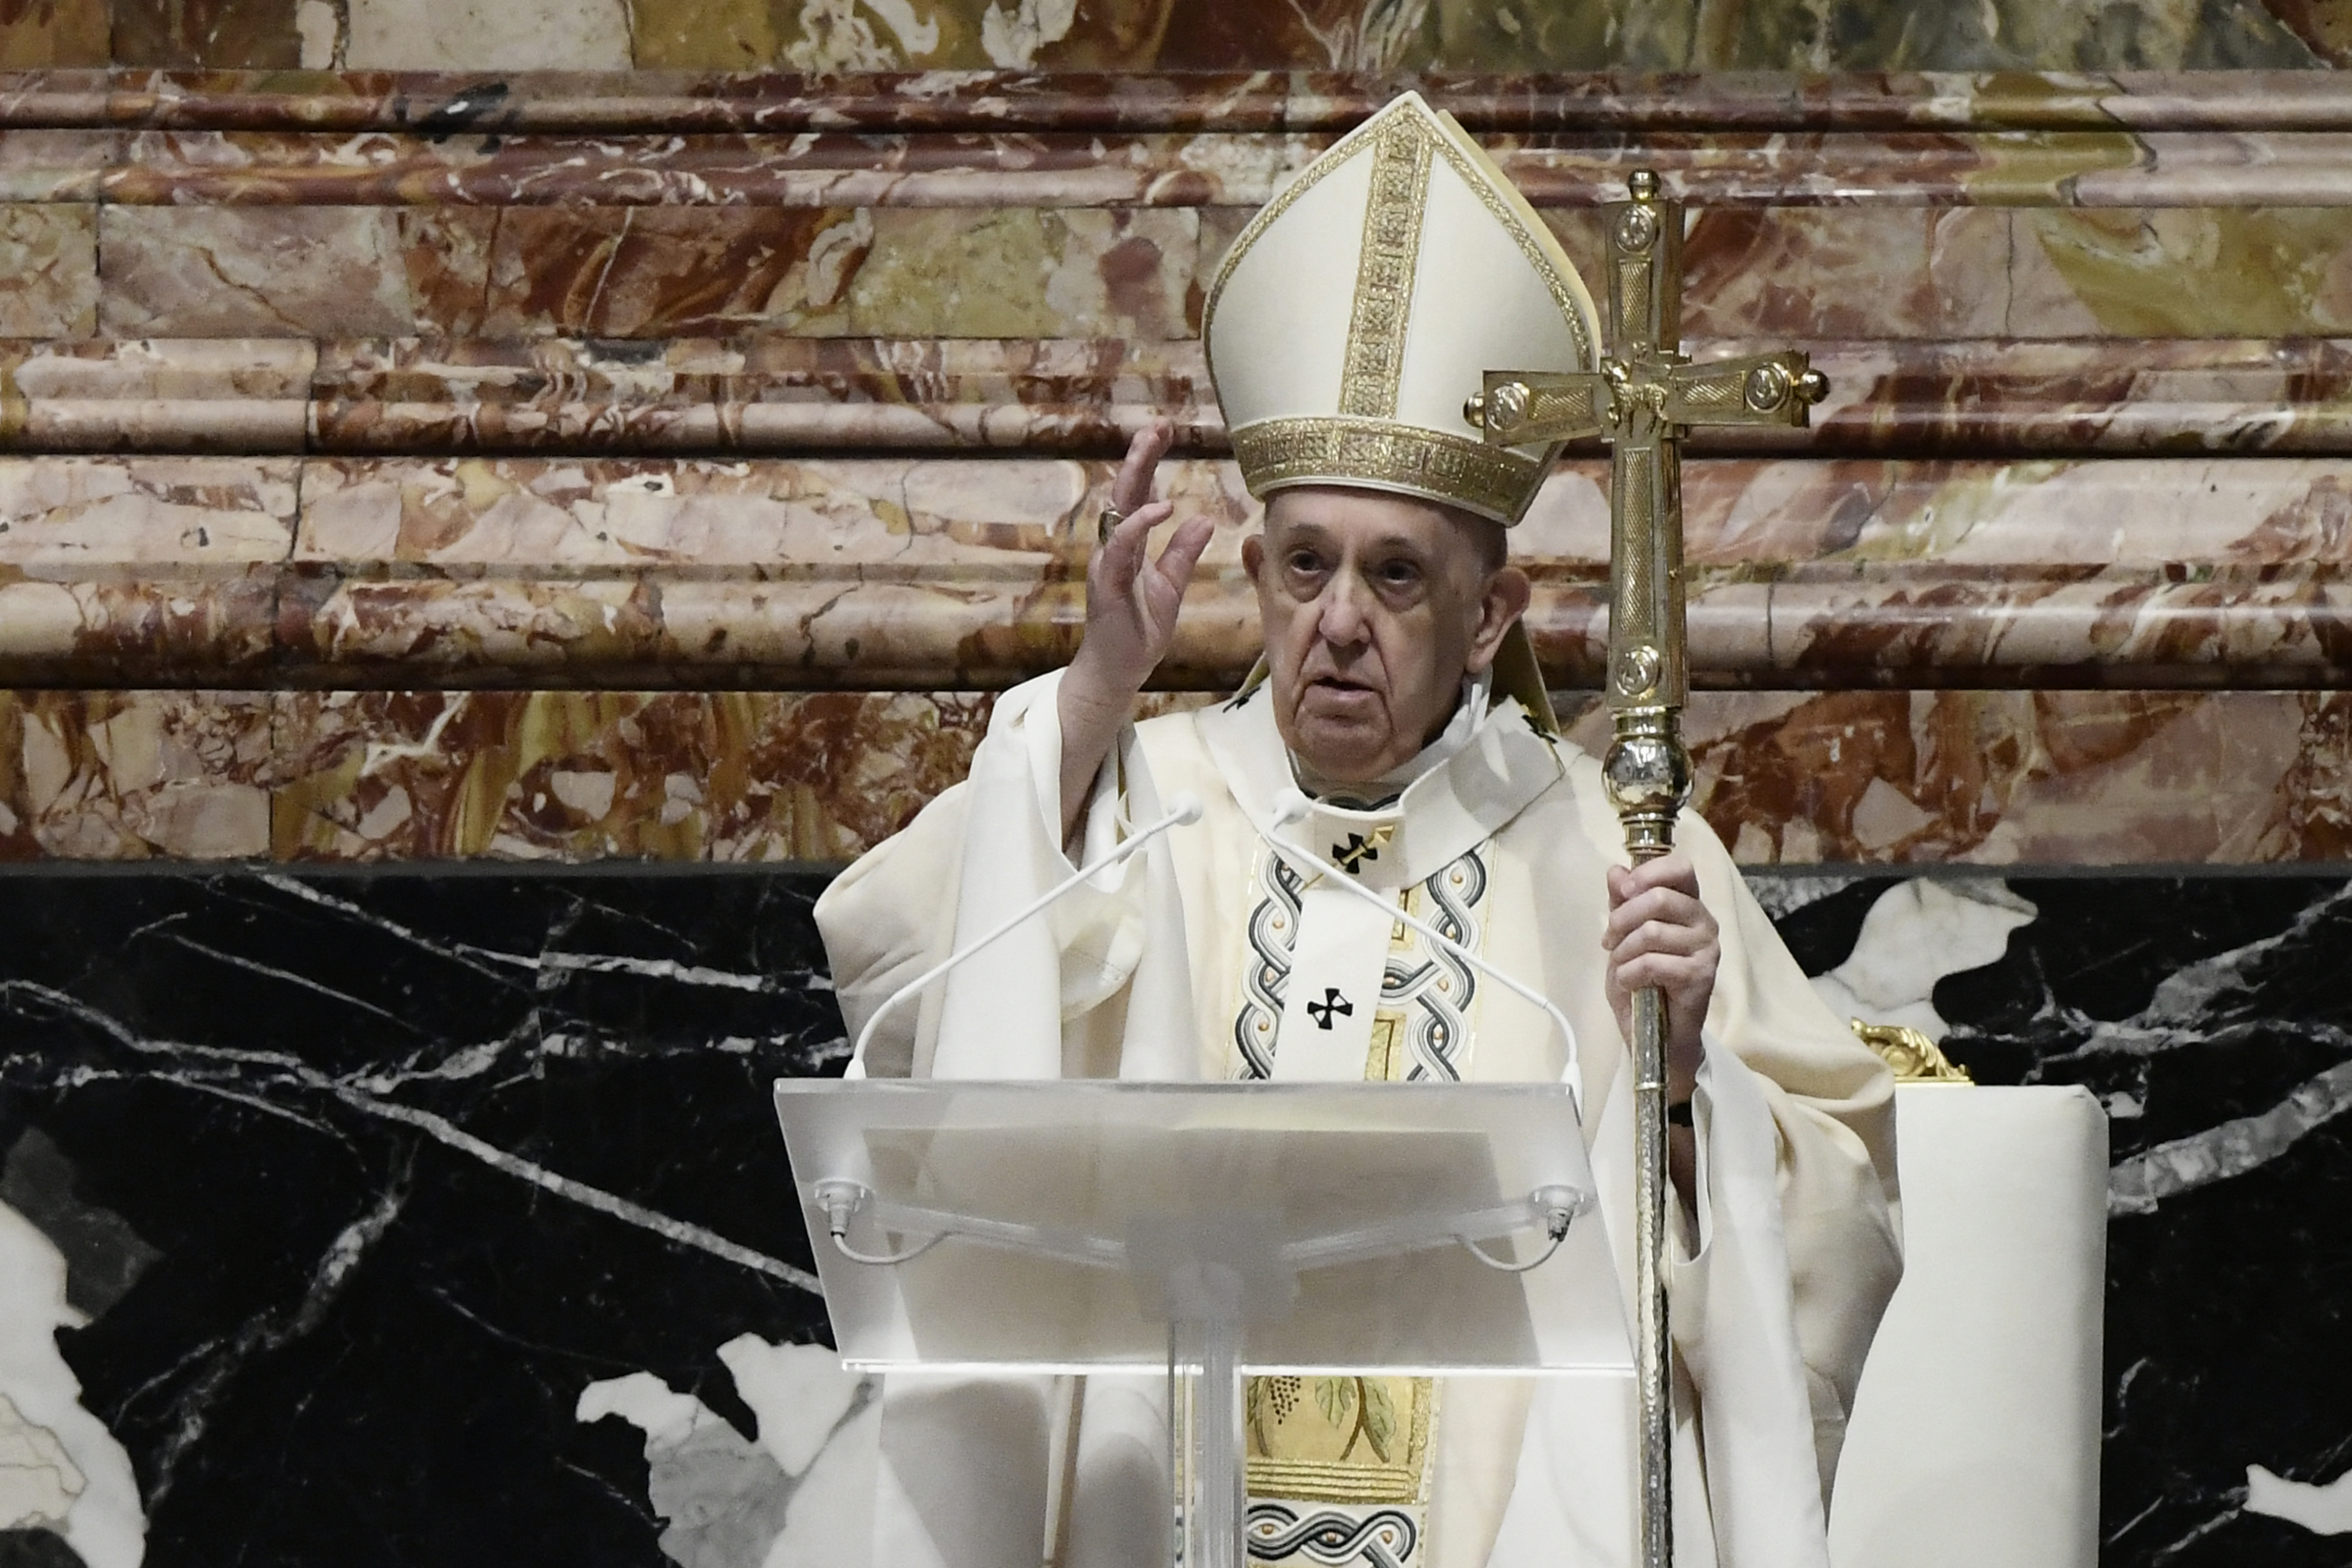 Urbi et Orbi: Ferenc pápa botrányosnak nevezte a járvány alatti fegyverkezést, és méltányos vakcinaelosztást kért